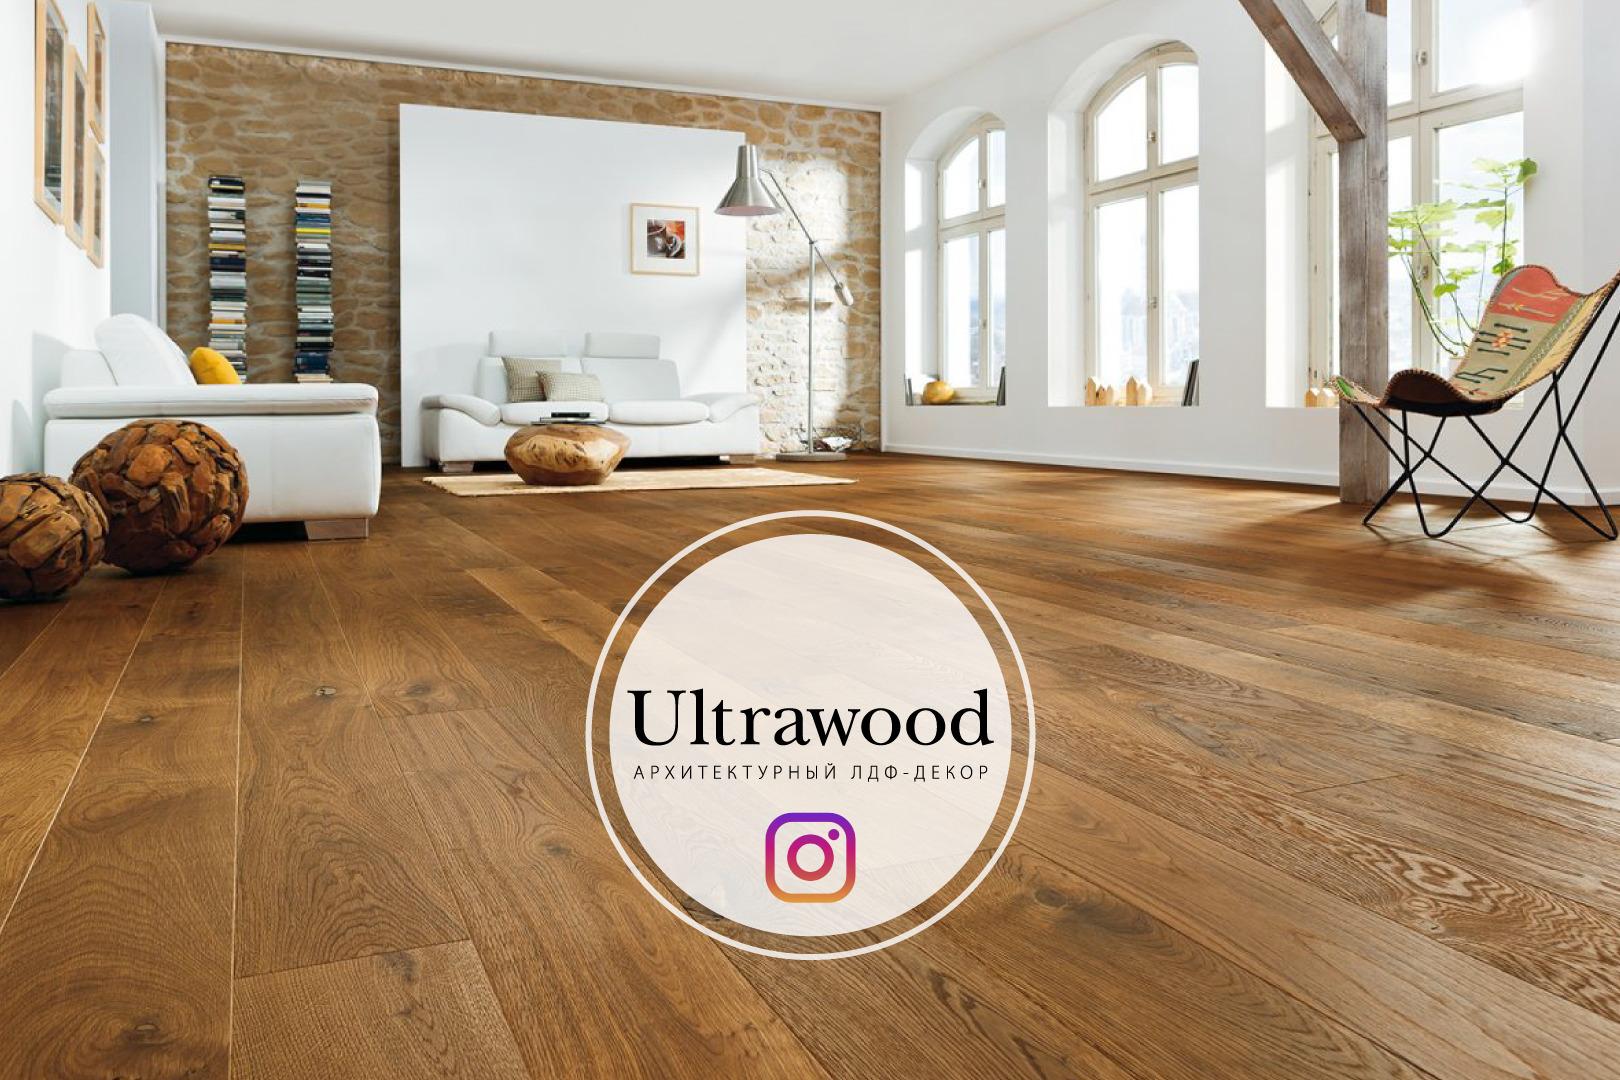 Продвижение инстаграм Ultrawood — от 0 до 200 000 охвата в неделю